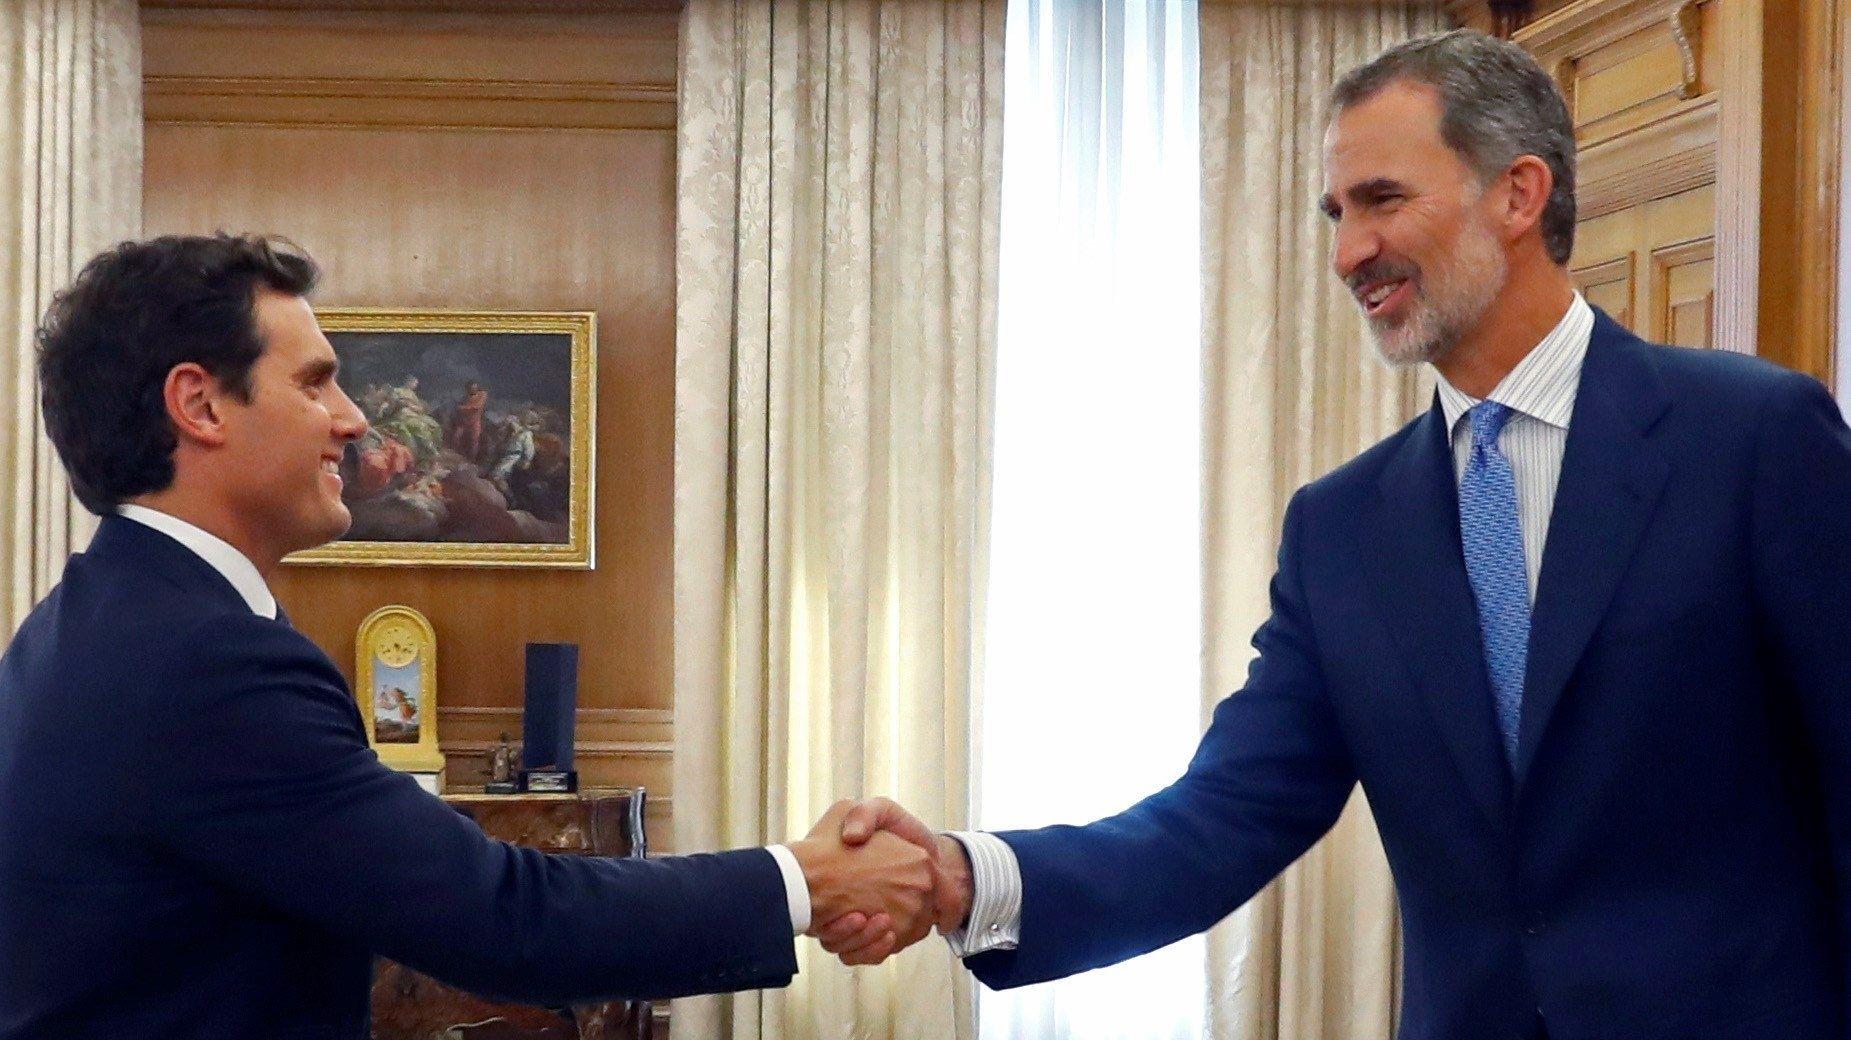 """Albert Rivera (l), Chef der liberalen Partei """"Ciudadanos"""", wird vom Felipe VI., König von Spanien, im Palacio de la Zarzuela empfangen."""